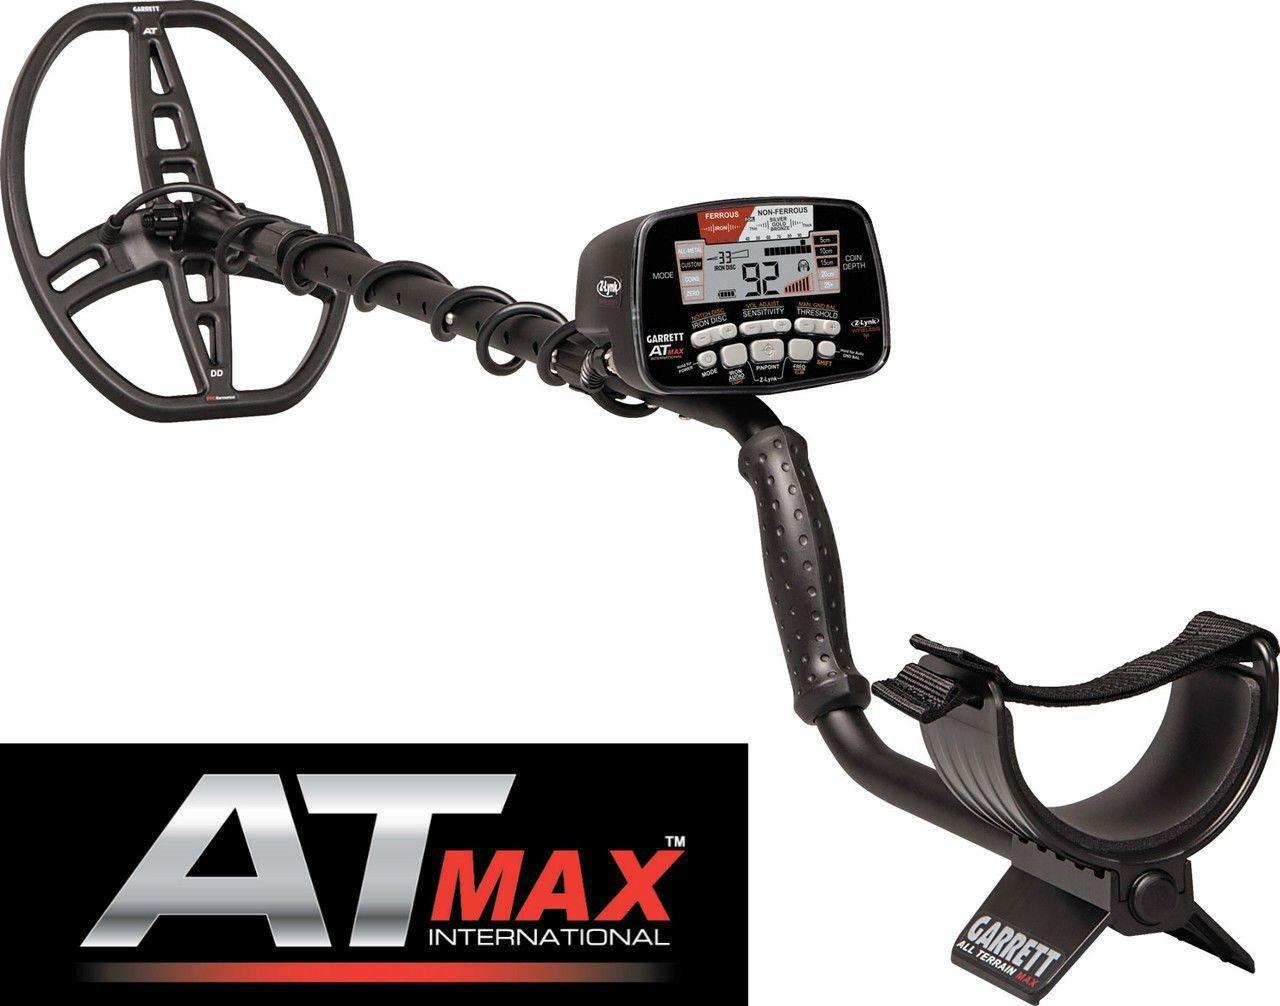 GarreTT AT MAX - Detector de metales: Amazon.es: Bricolaje y herramientas